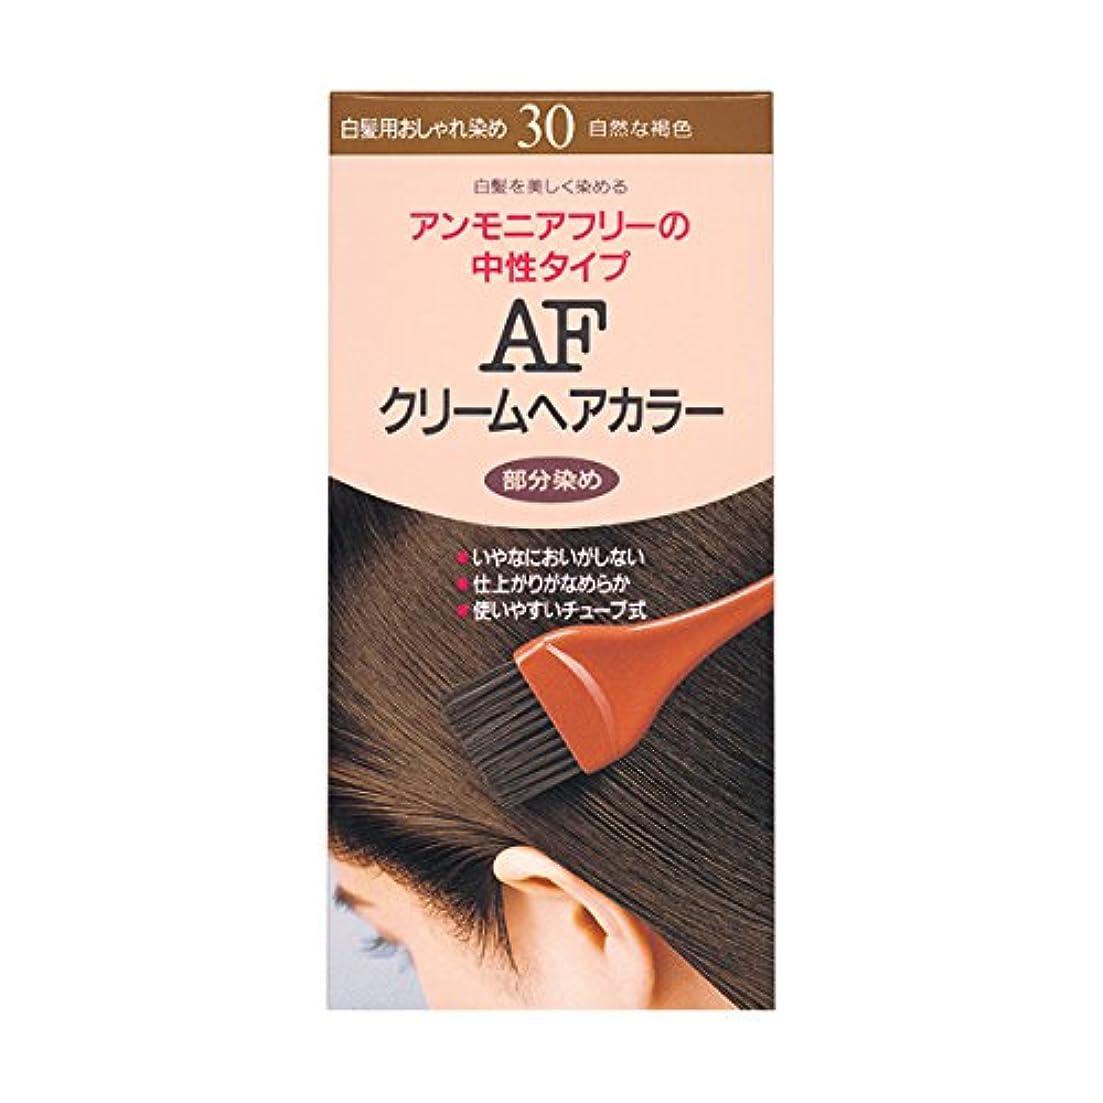 暖炉傑出した健全ヘアカラー AFクリームヘアカラー 30 【医薬部外品】